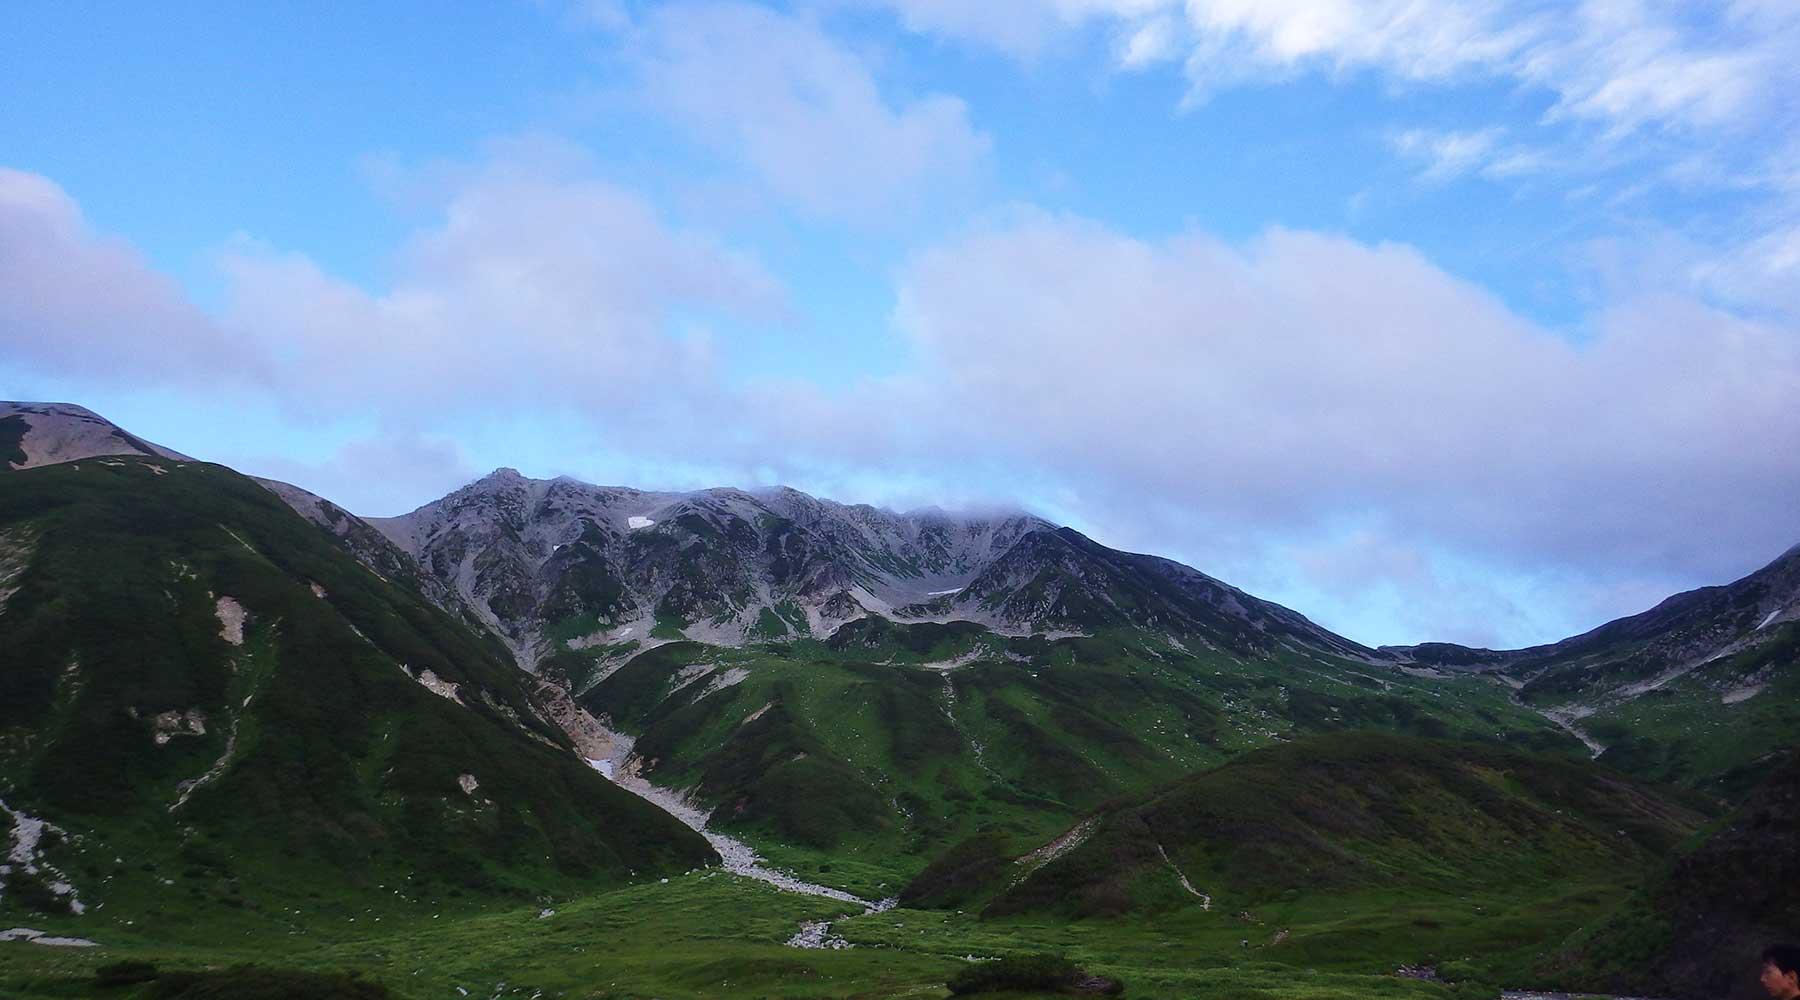 雷鳥沢キャンプ場から見た立山